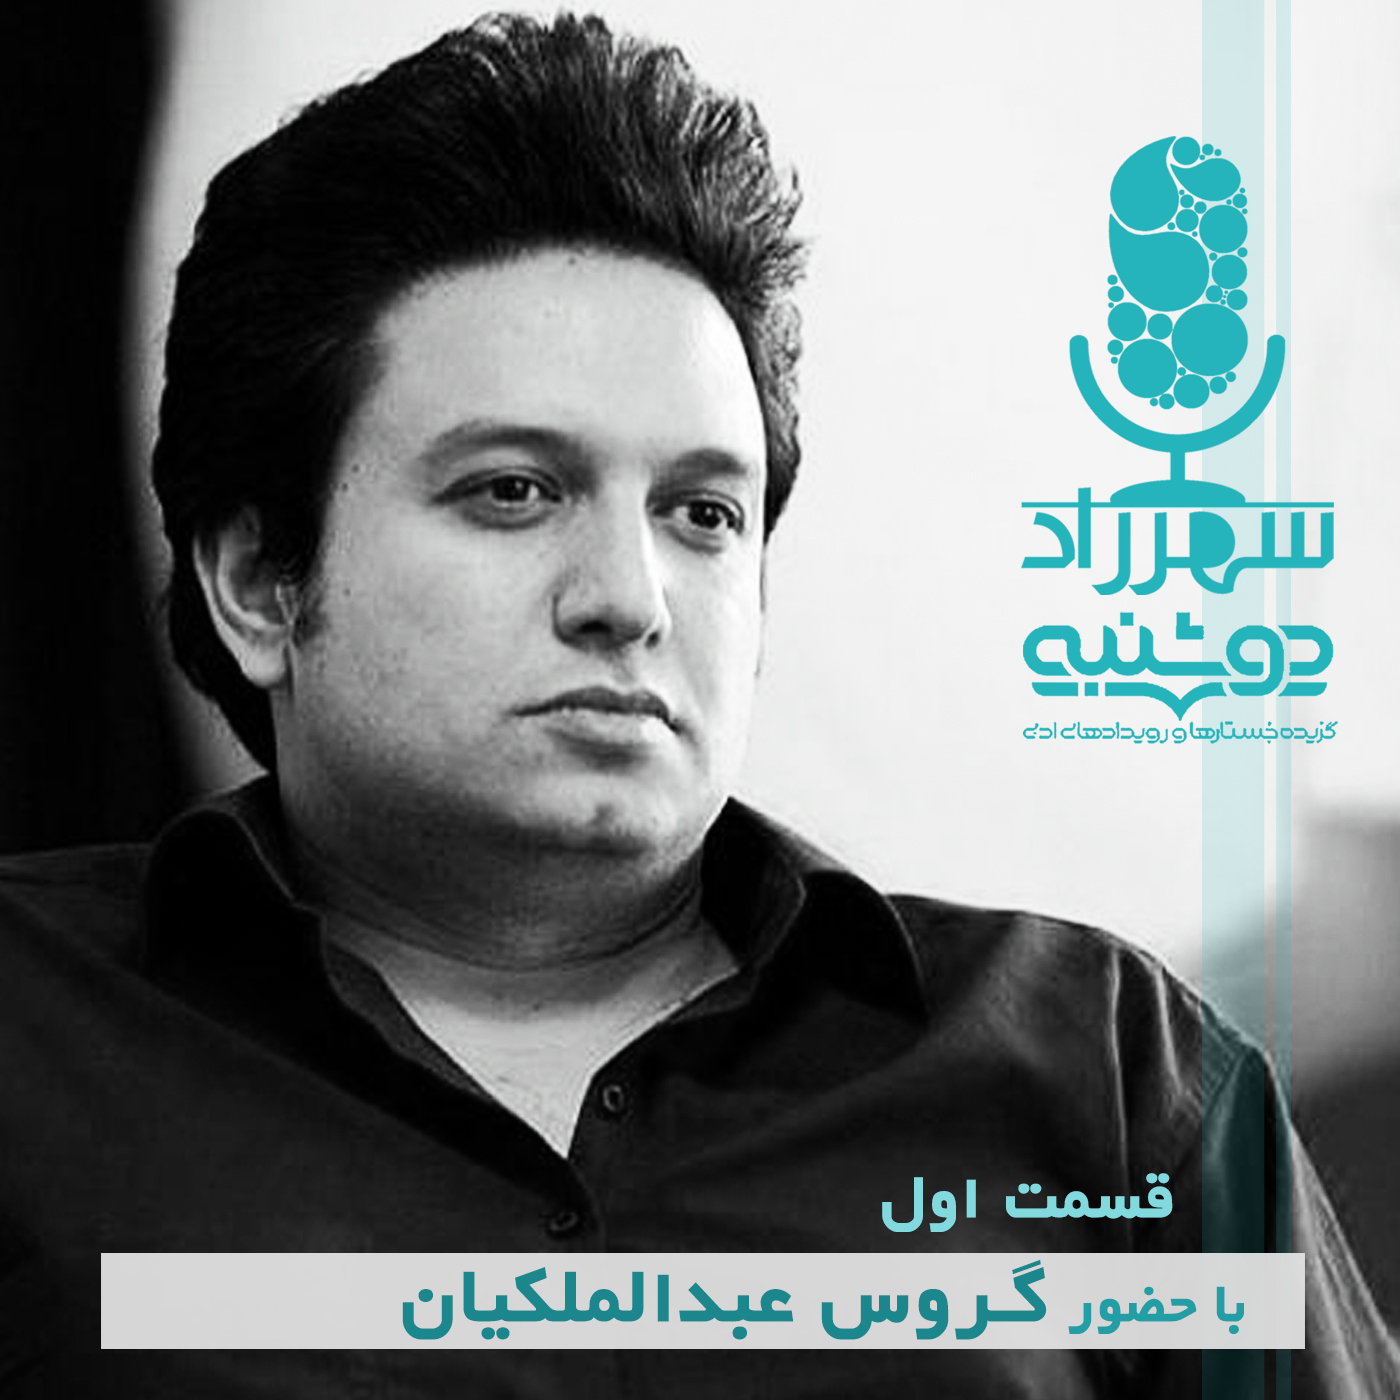 اولین ویژه برنامه ی دوشنبه، با حضور گروس عبدالملکیان | تیزر